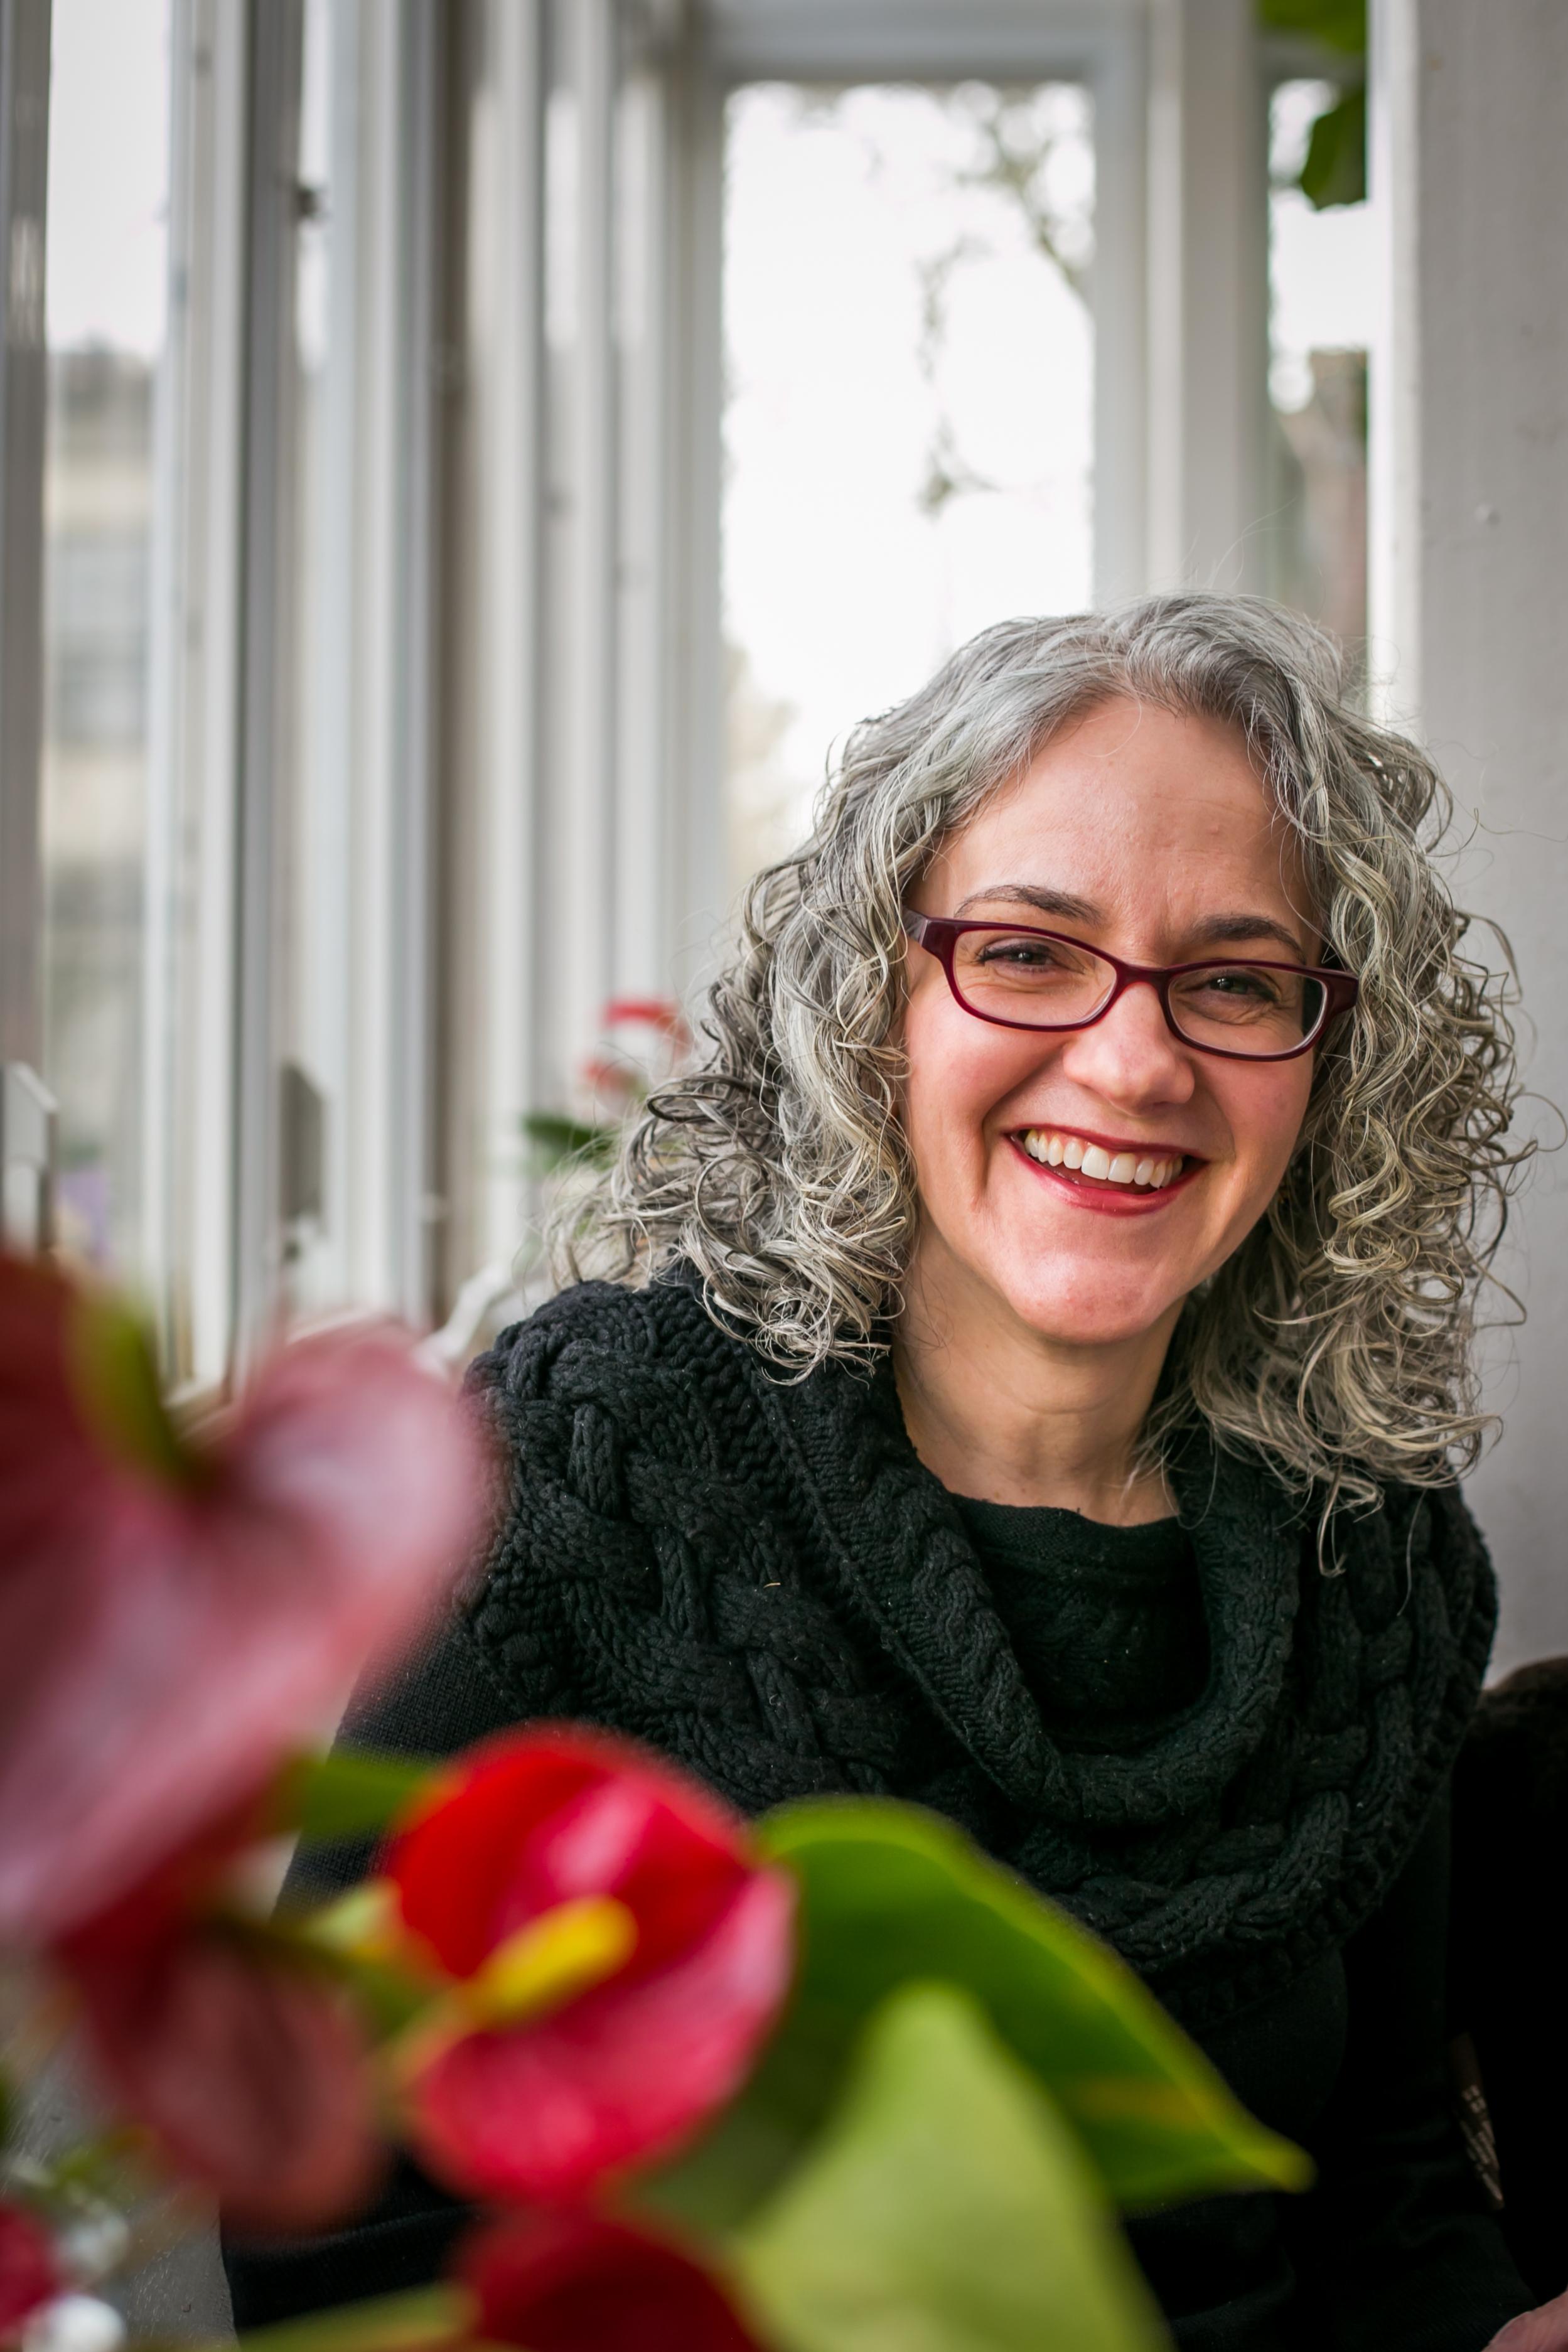 Lisa Marchiano